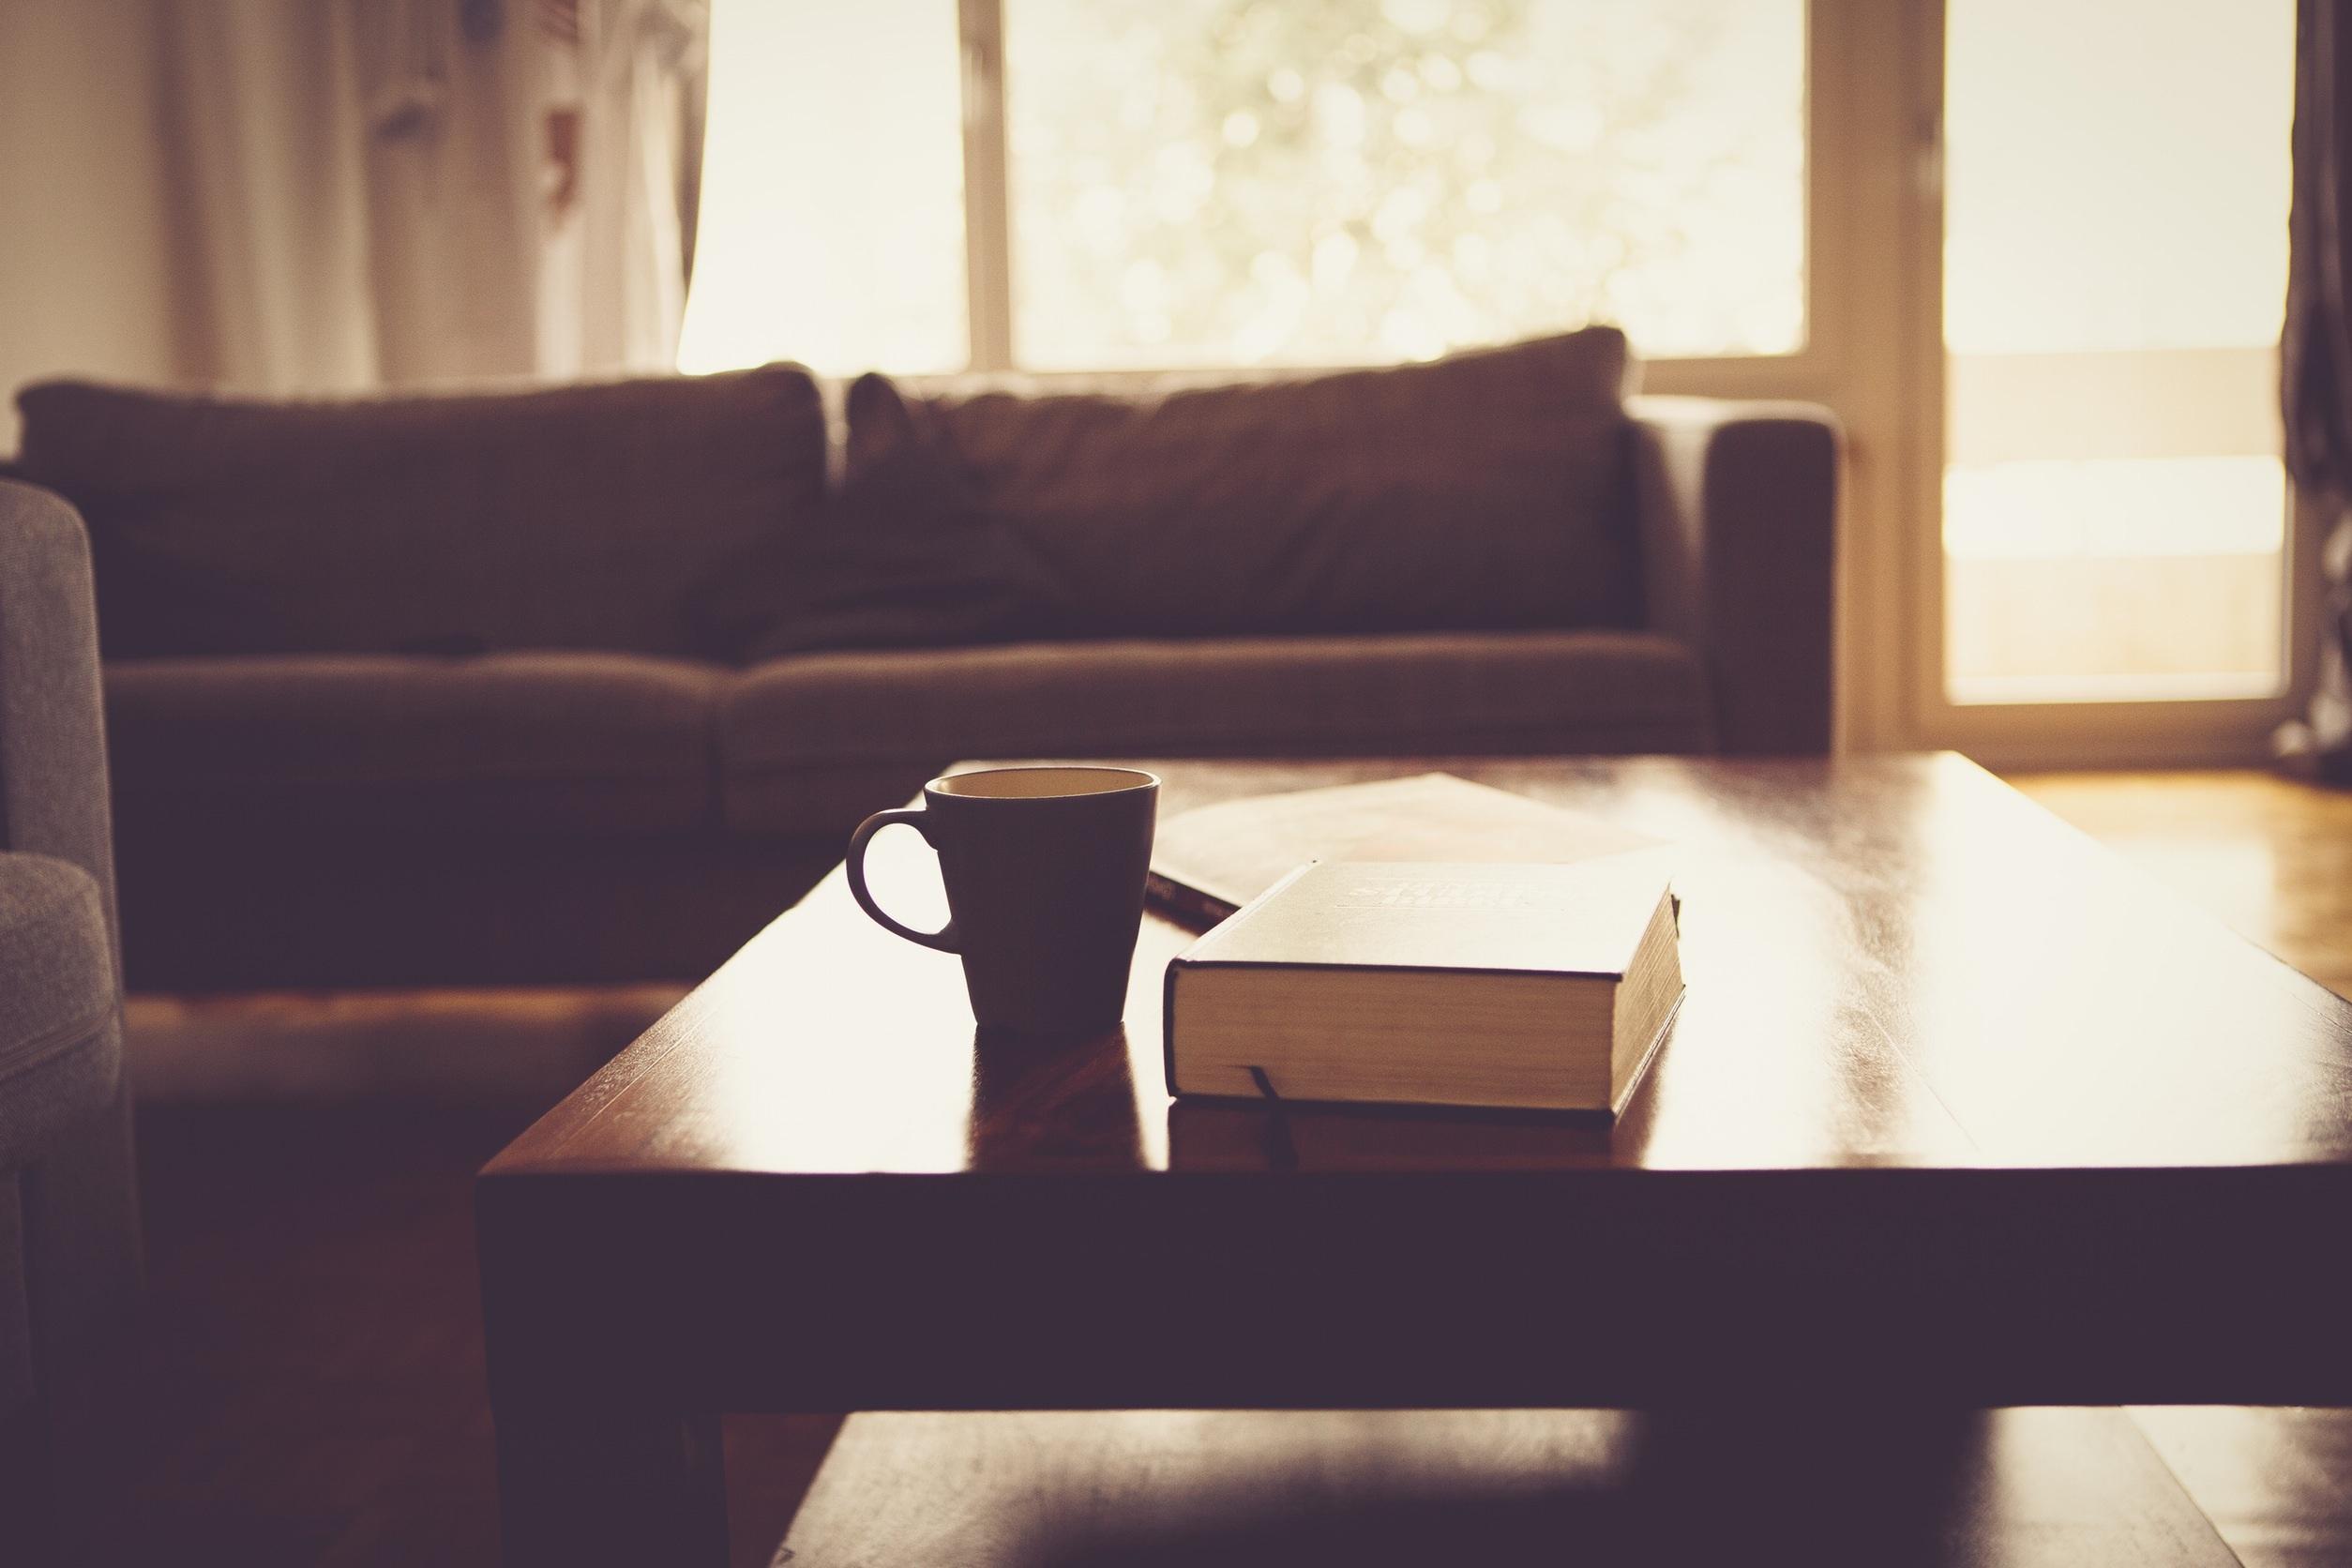 eea2bcb32 stôl kniha svetlo drevo dom interiér Domov pohár farba bydliska obývačka  čierna nábytok izbu džbánik pohovka